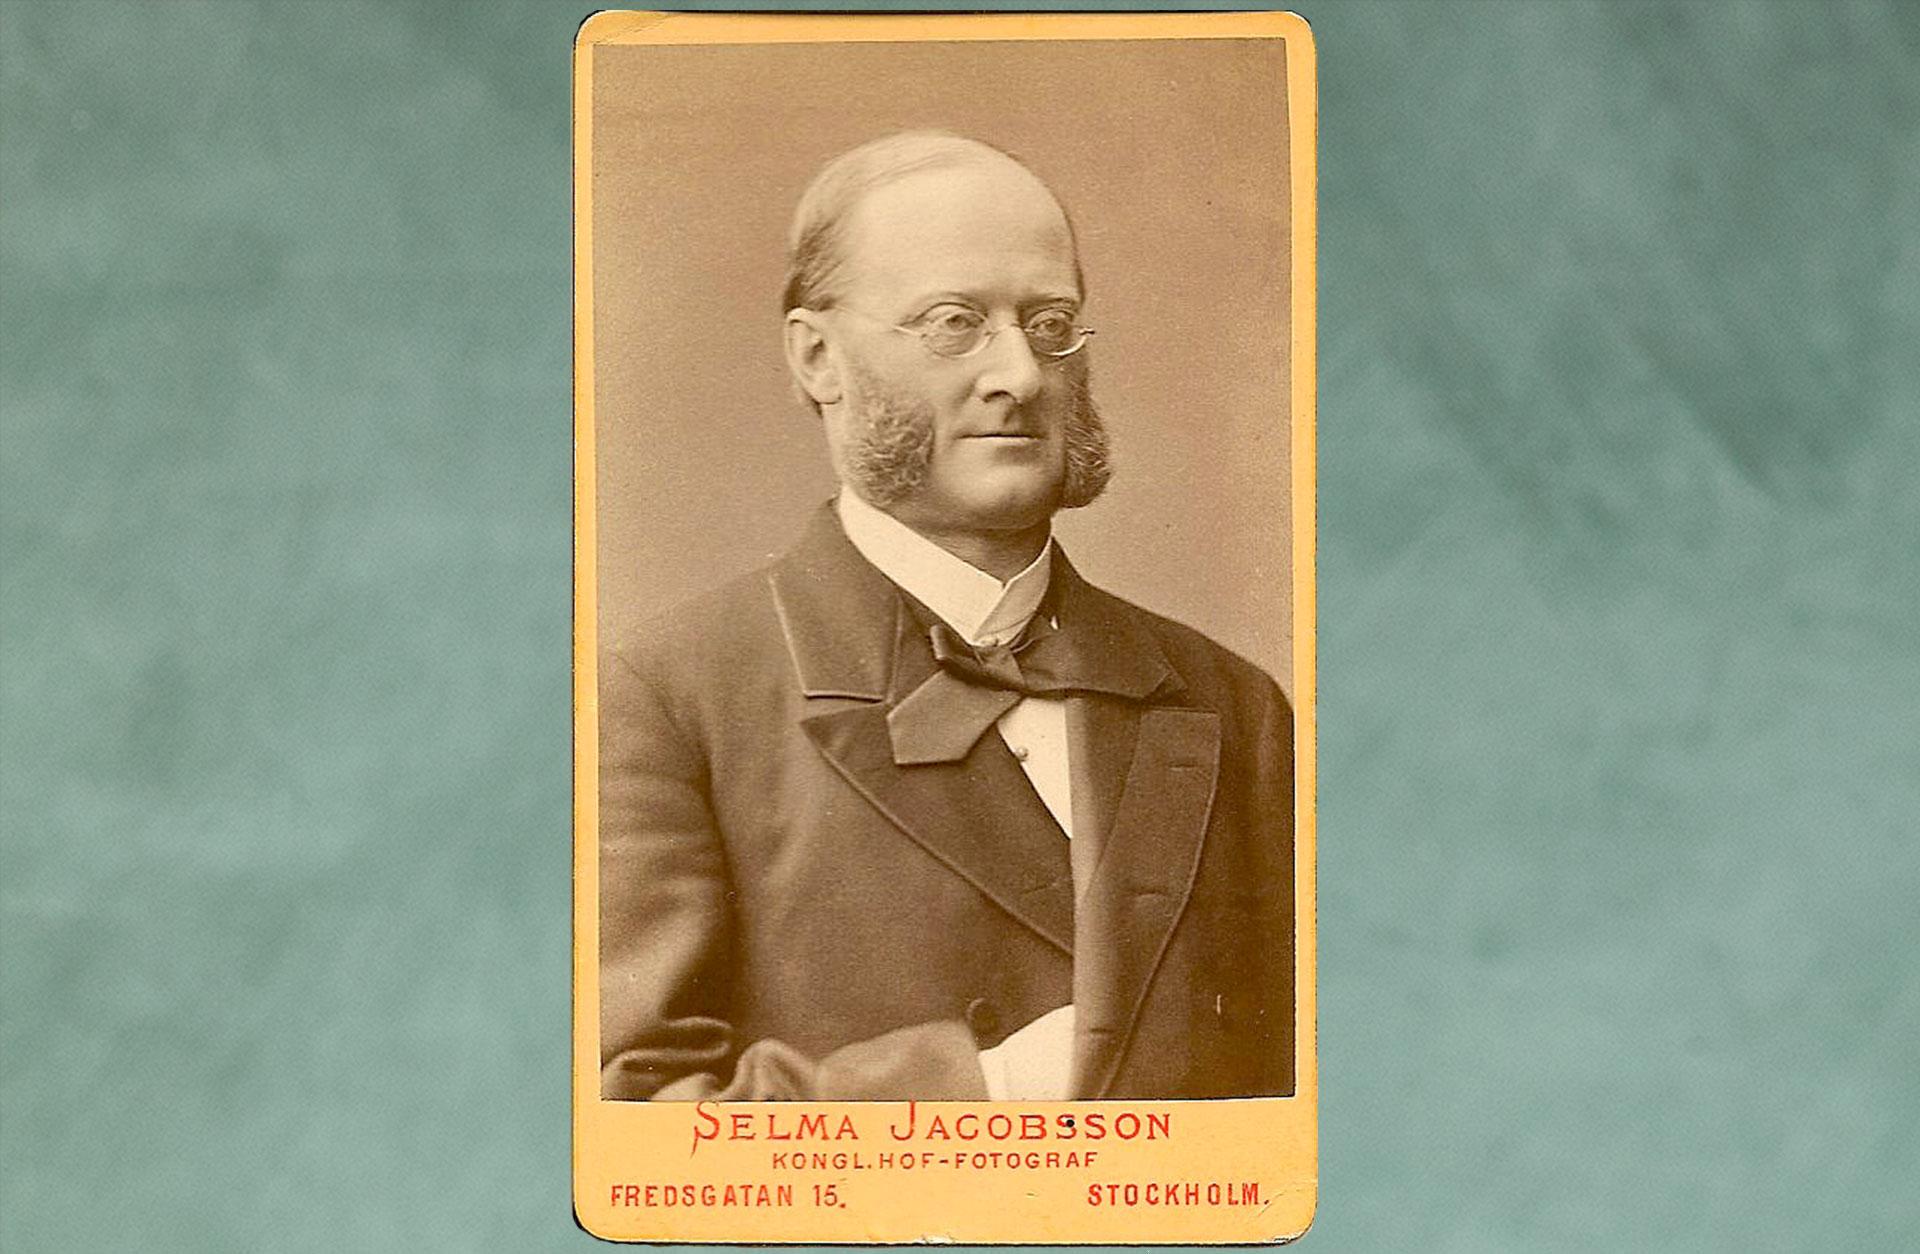 Gammalt foto på Olof Wijk dy i profil med runda glasögon.